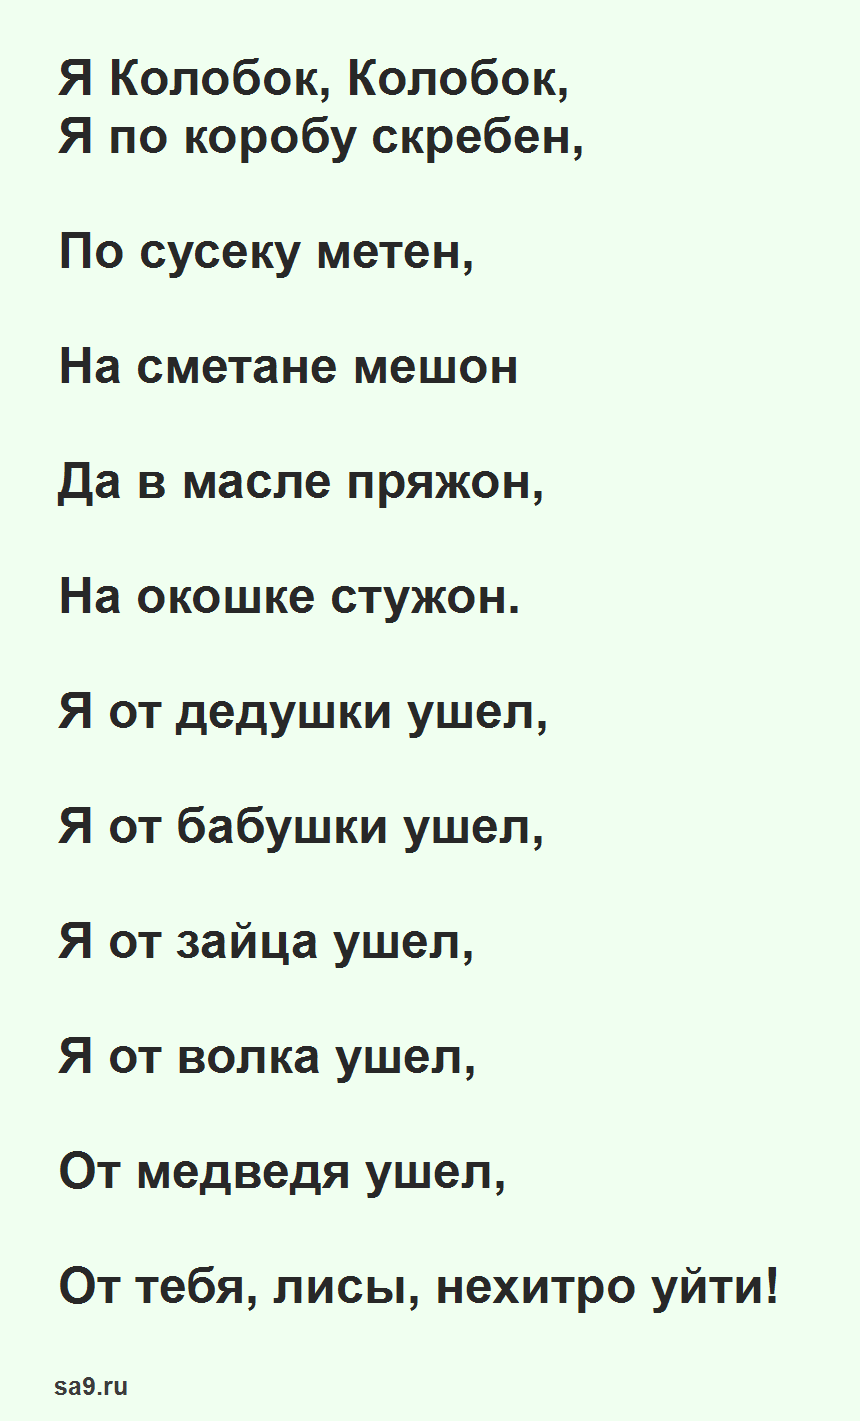 Читать русскую народную сказку Колобок для детей